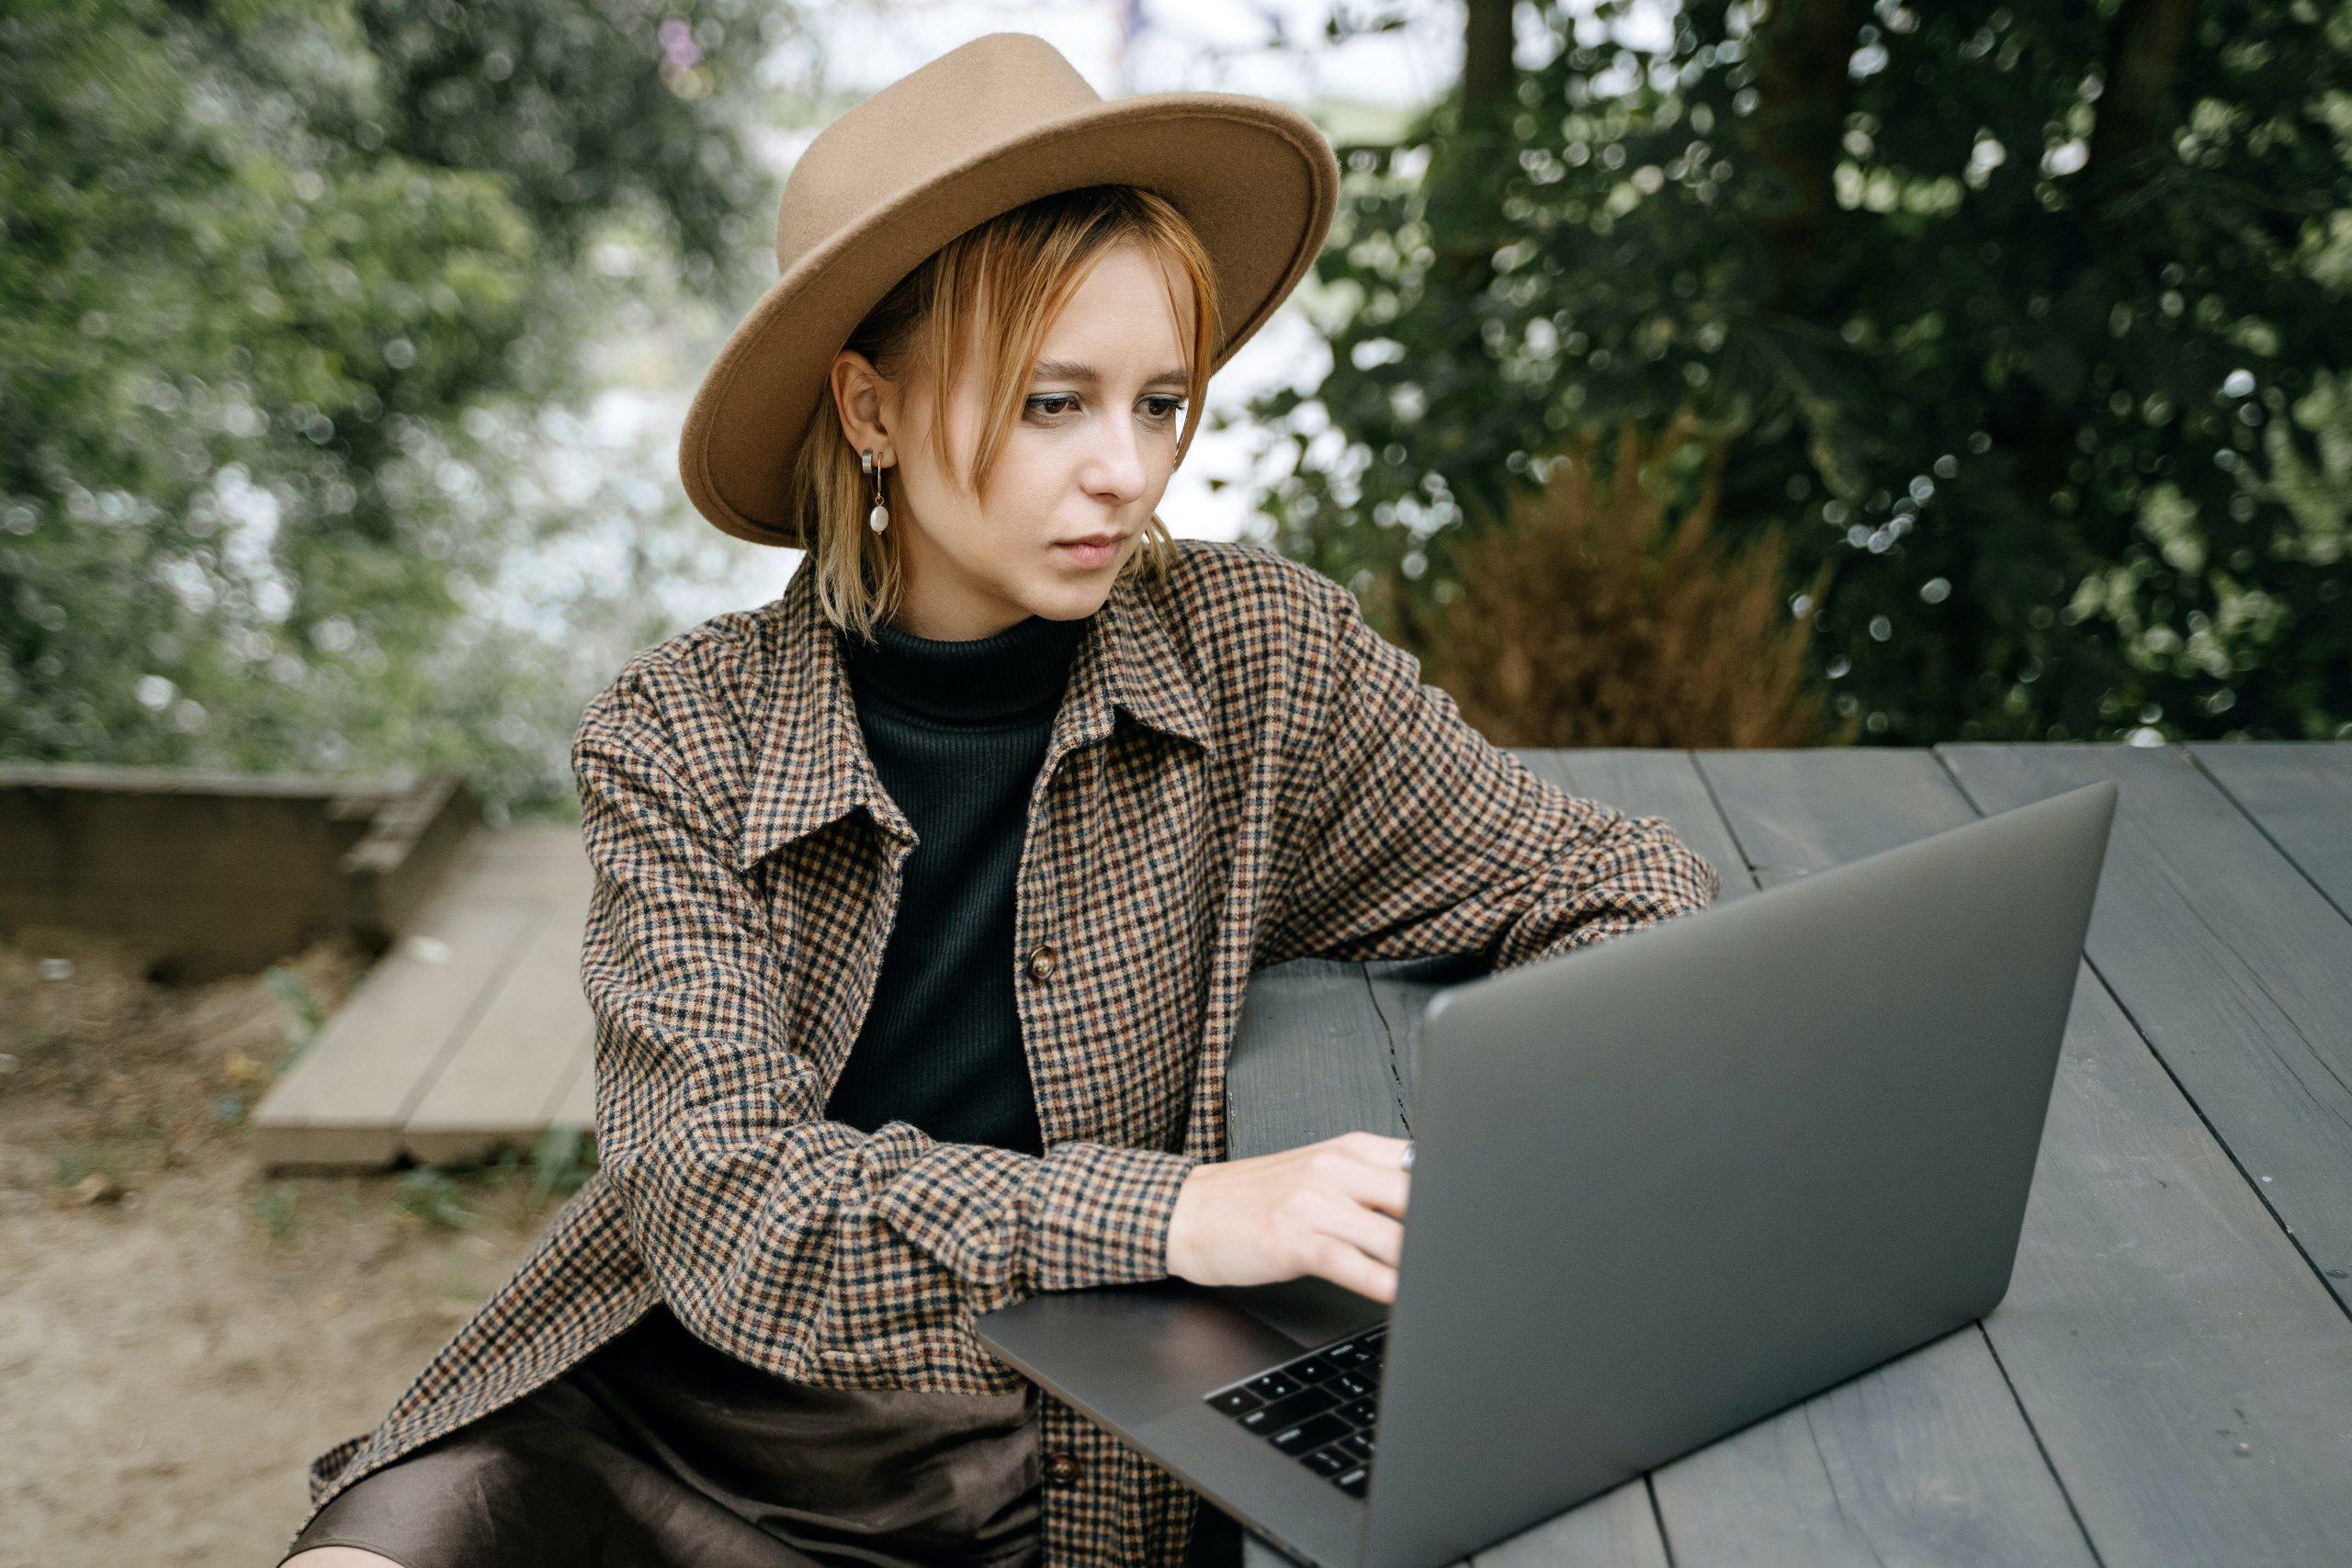 jovem trabalhando ao ar livre